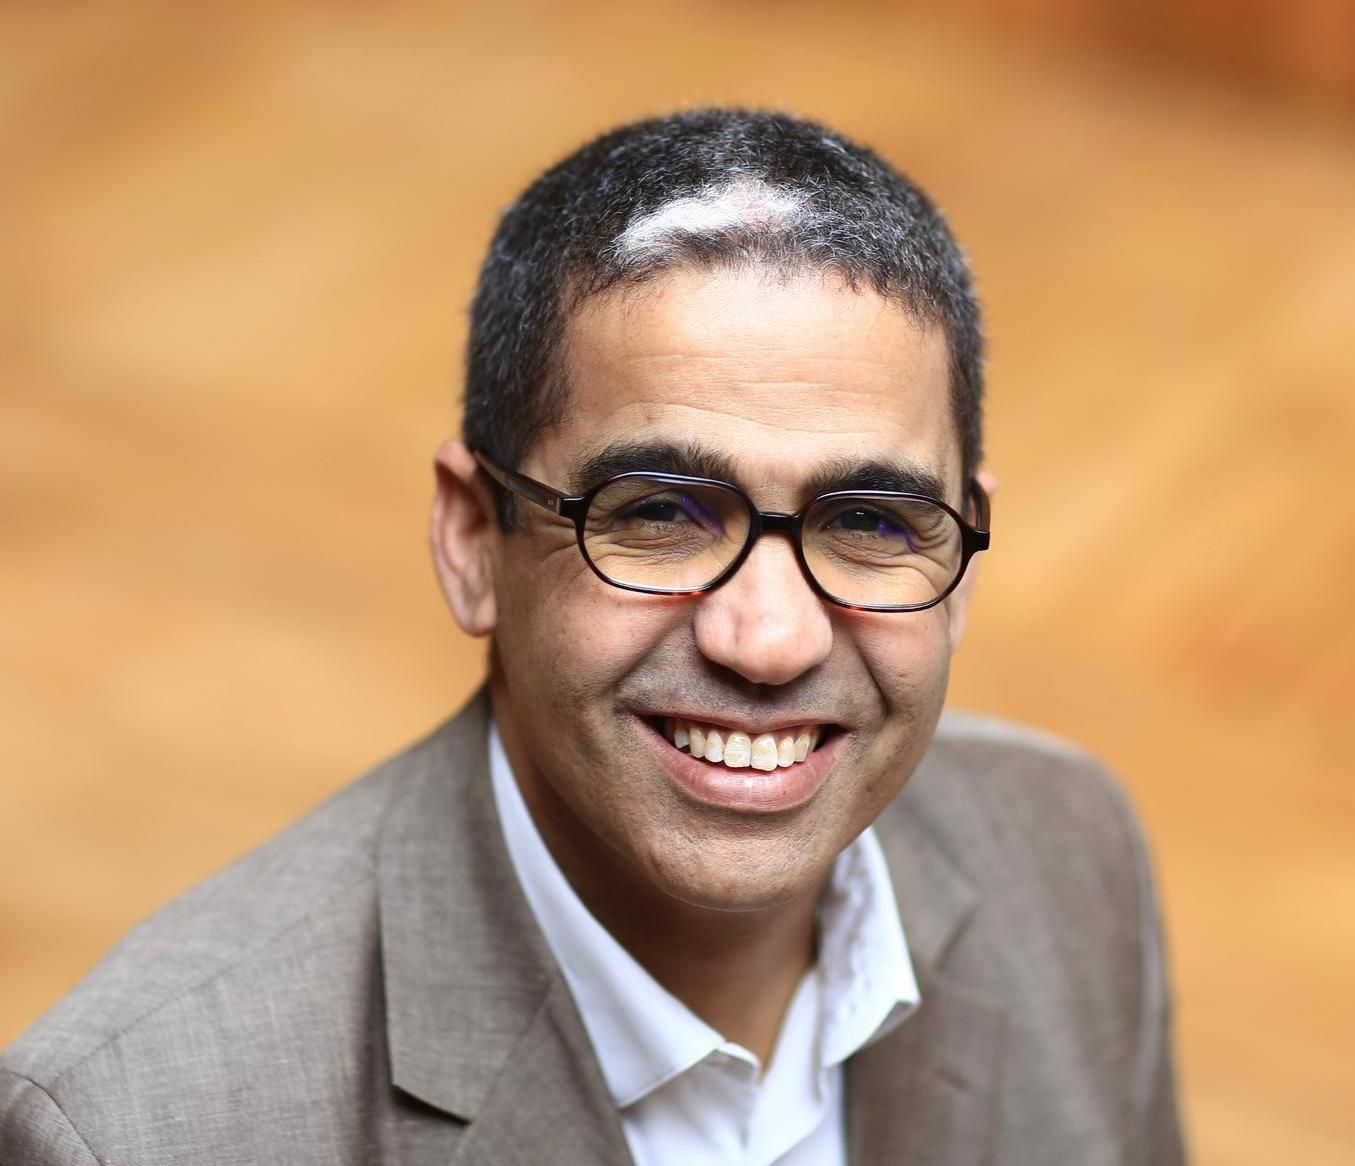 Abdel Kander